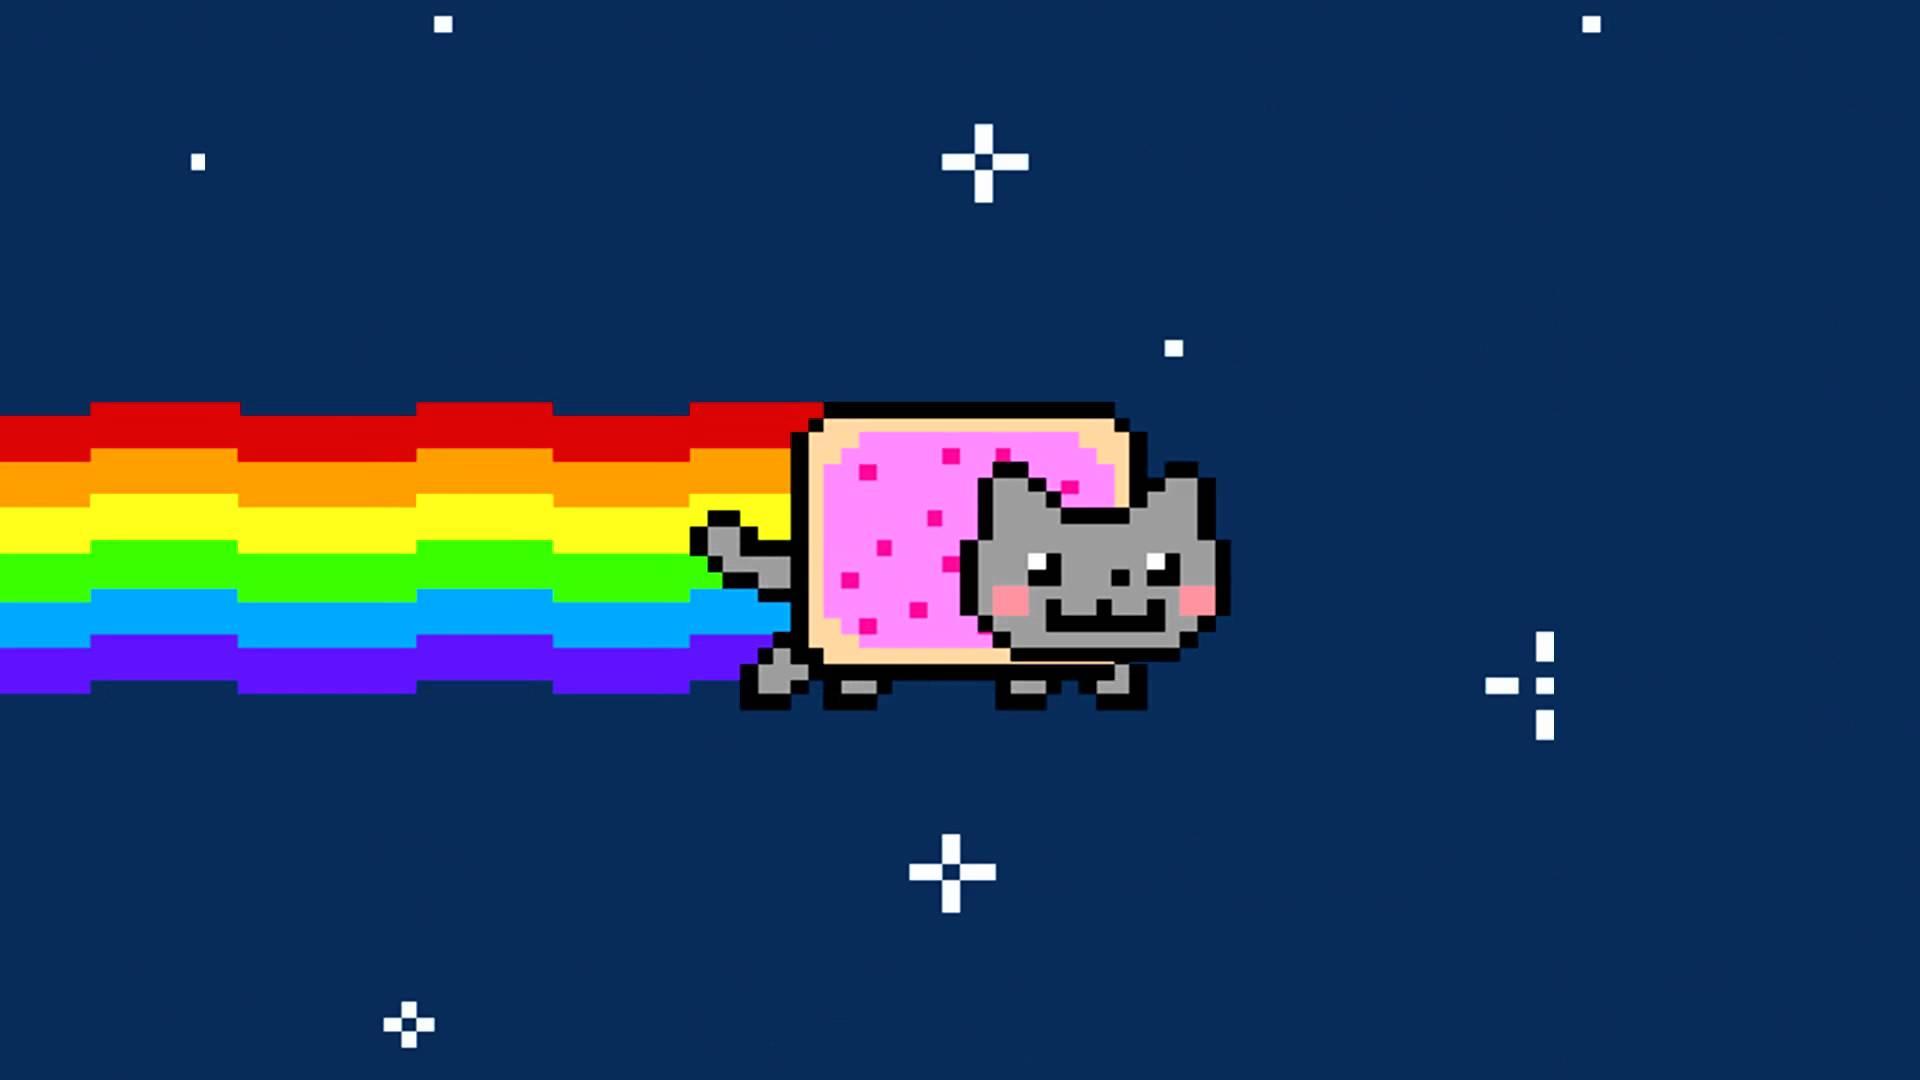 High Resolution Wallpaper | Nyan Cat 1920x1080 px